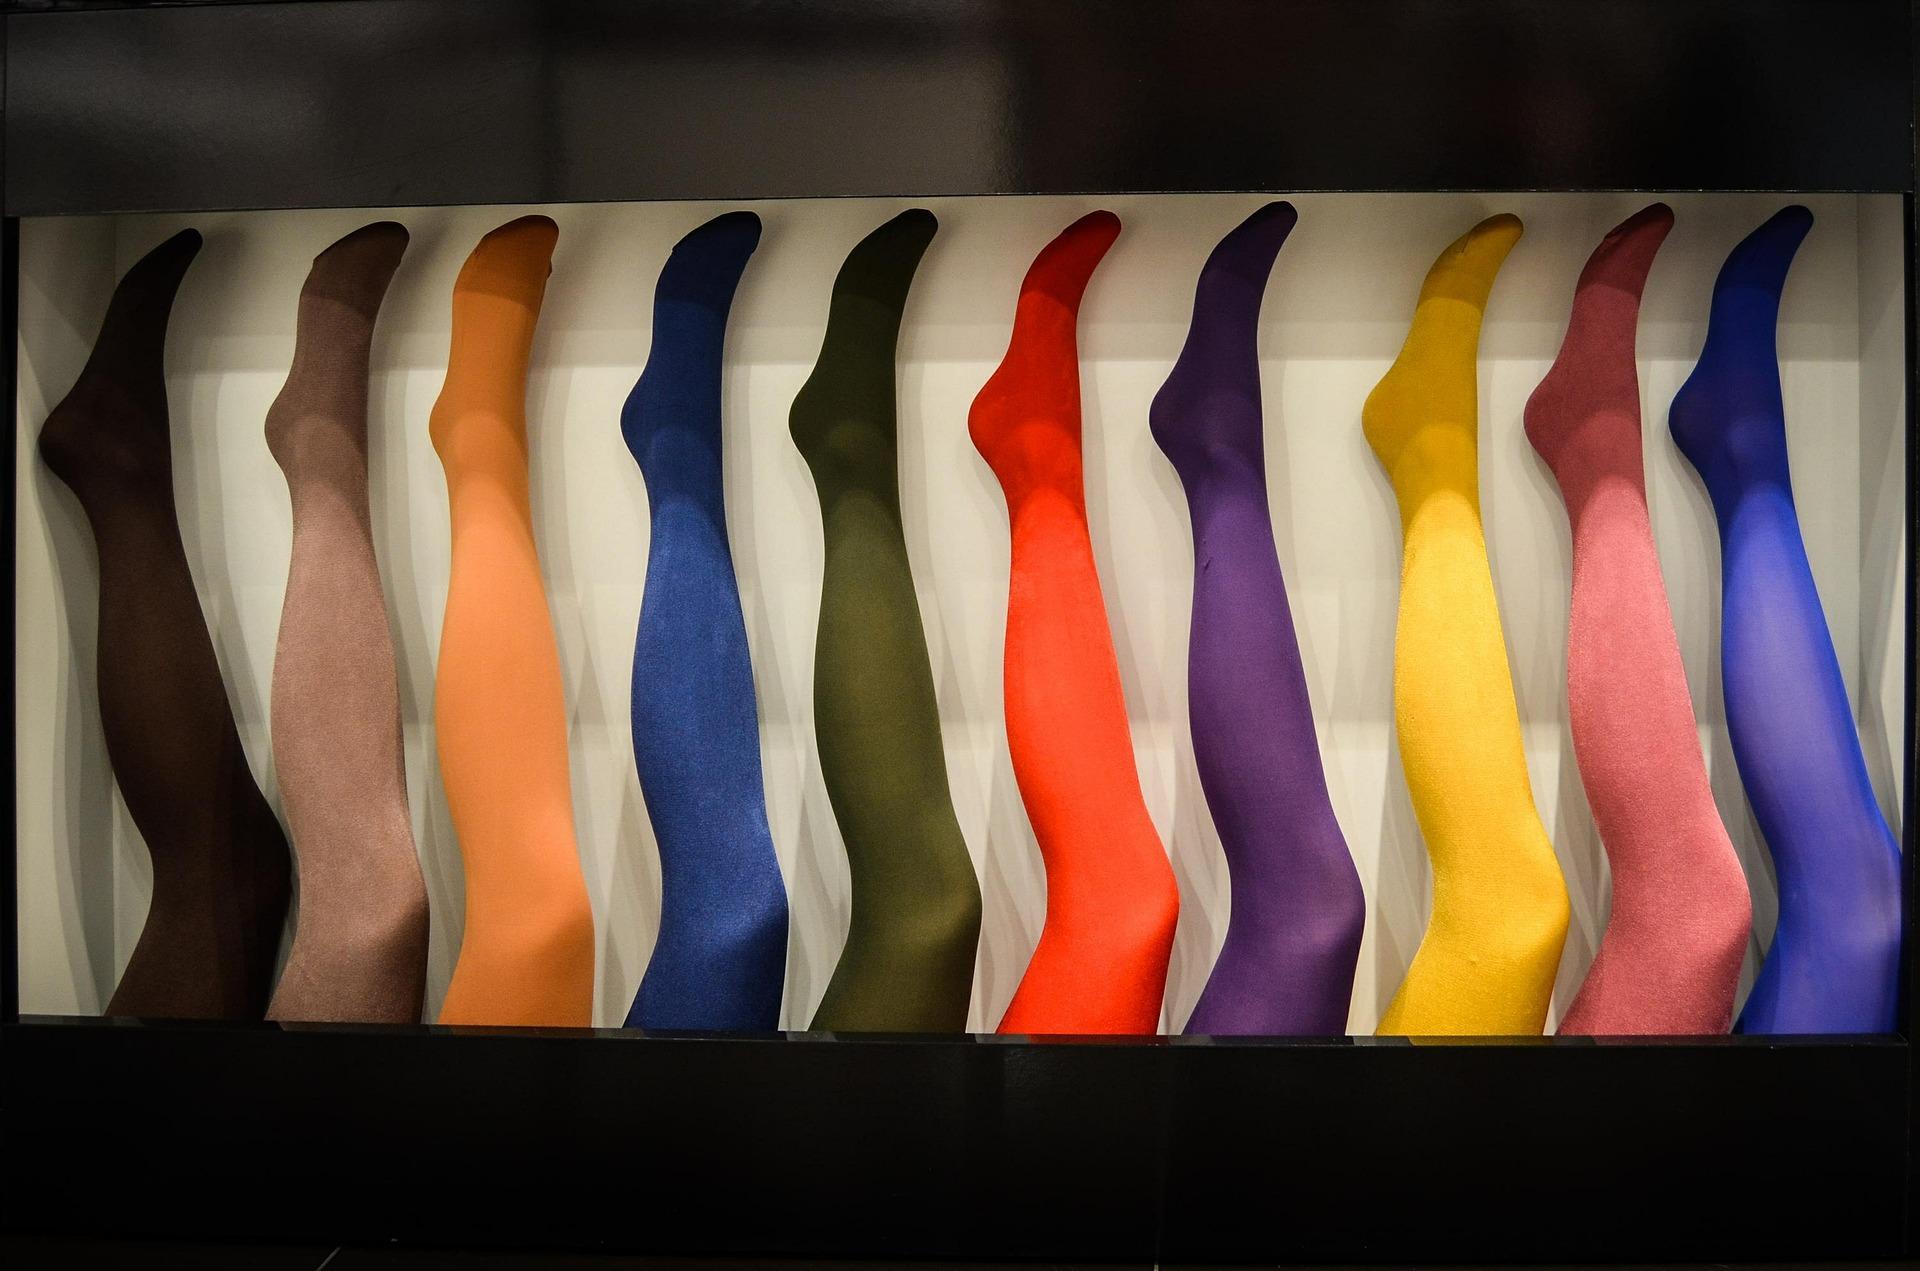 Lycra wurde als Faser 1958 entdeckt und ist heute in sehr vielen Textilien wie Strumpfhosen, Unterwäsche oder Stretch-Denim zu finden.